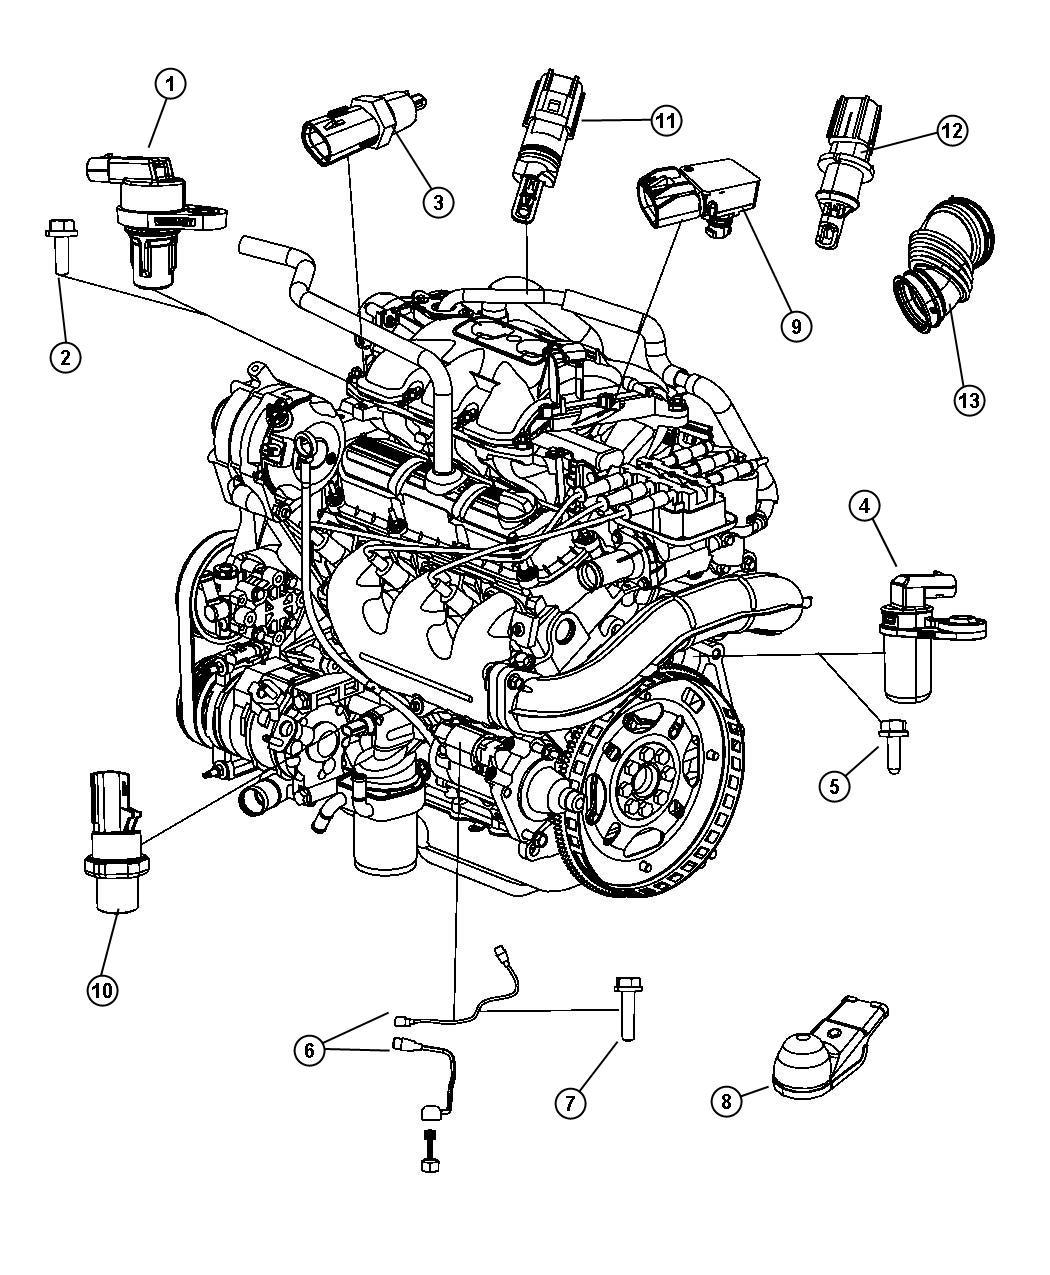 Chrysler Sebring O2 Sensor Wiring Diagram